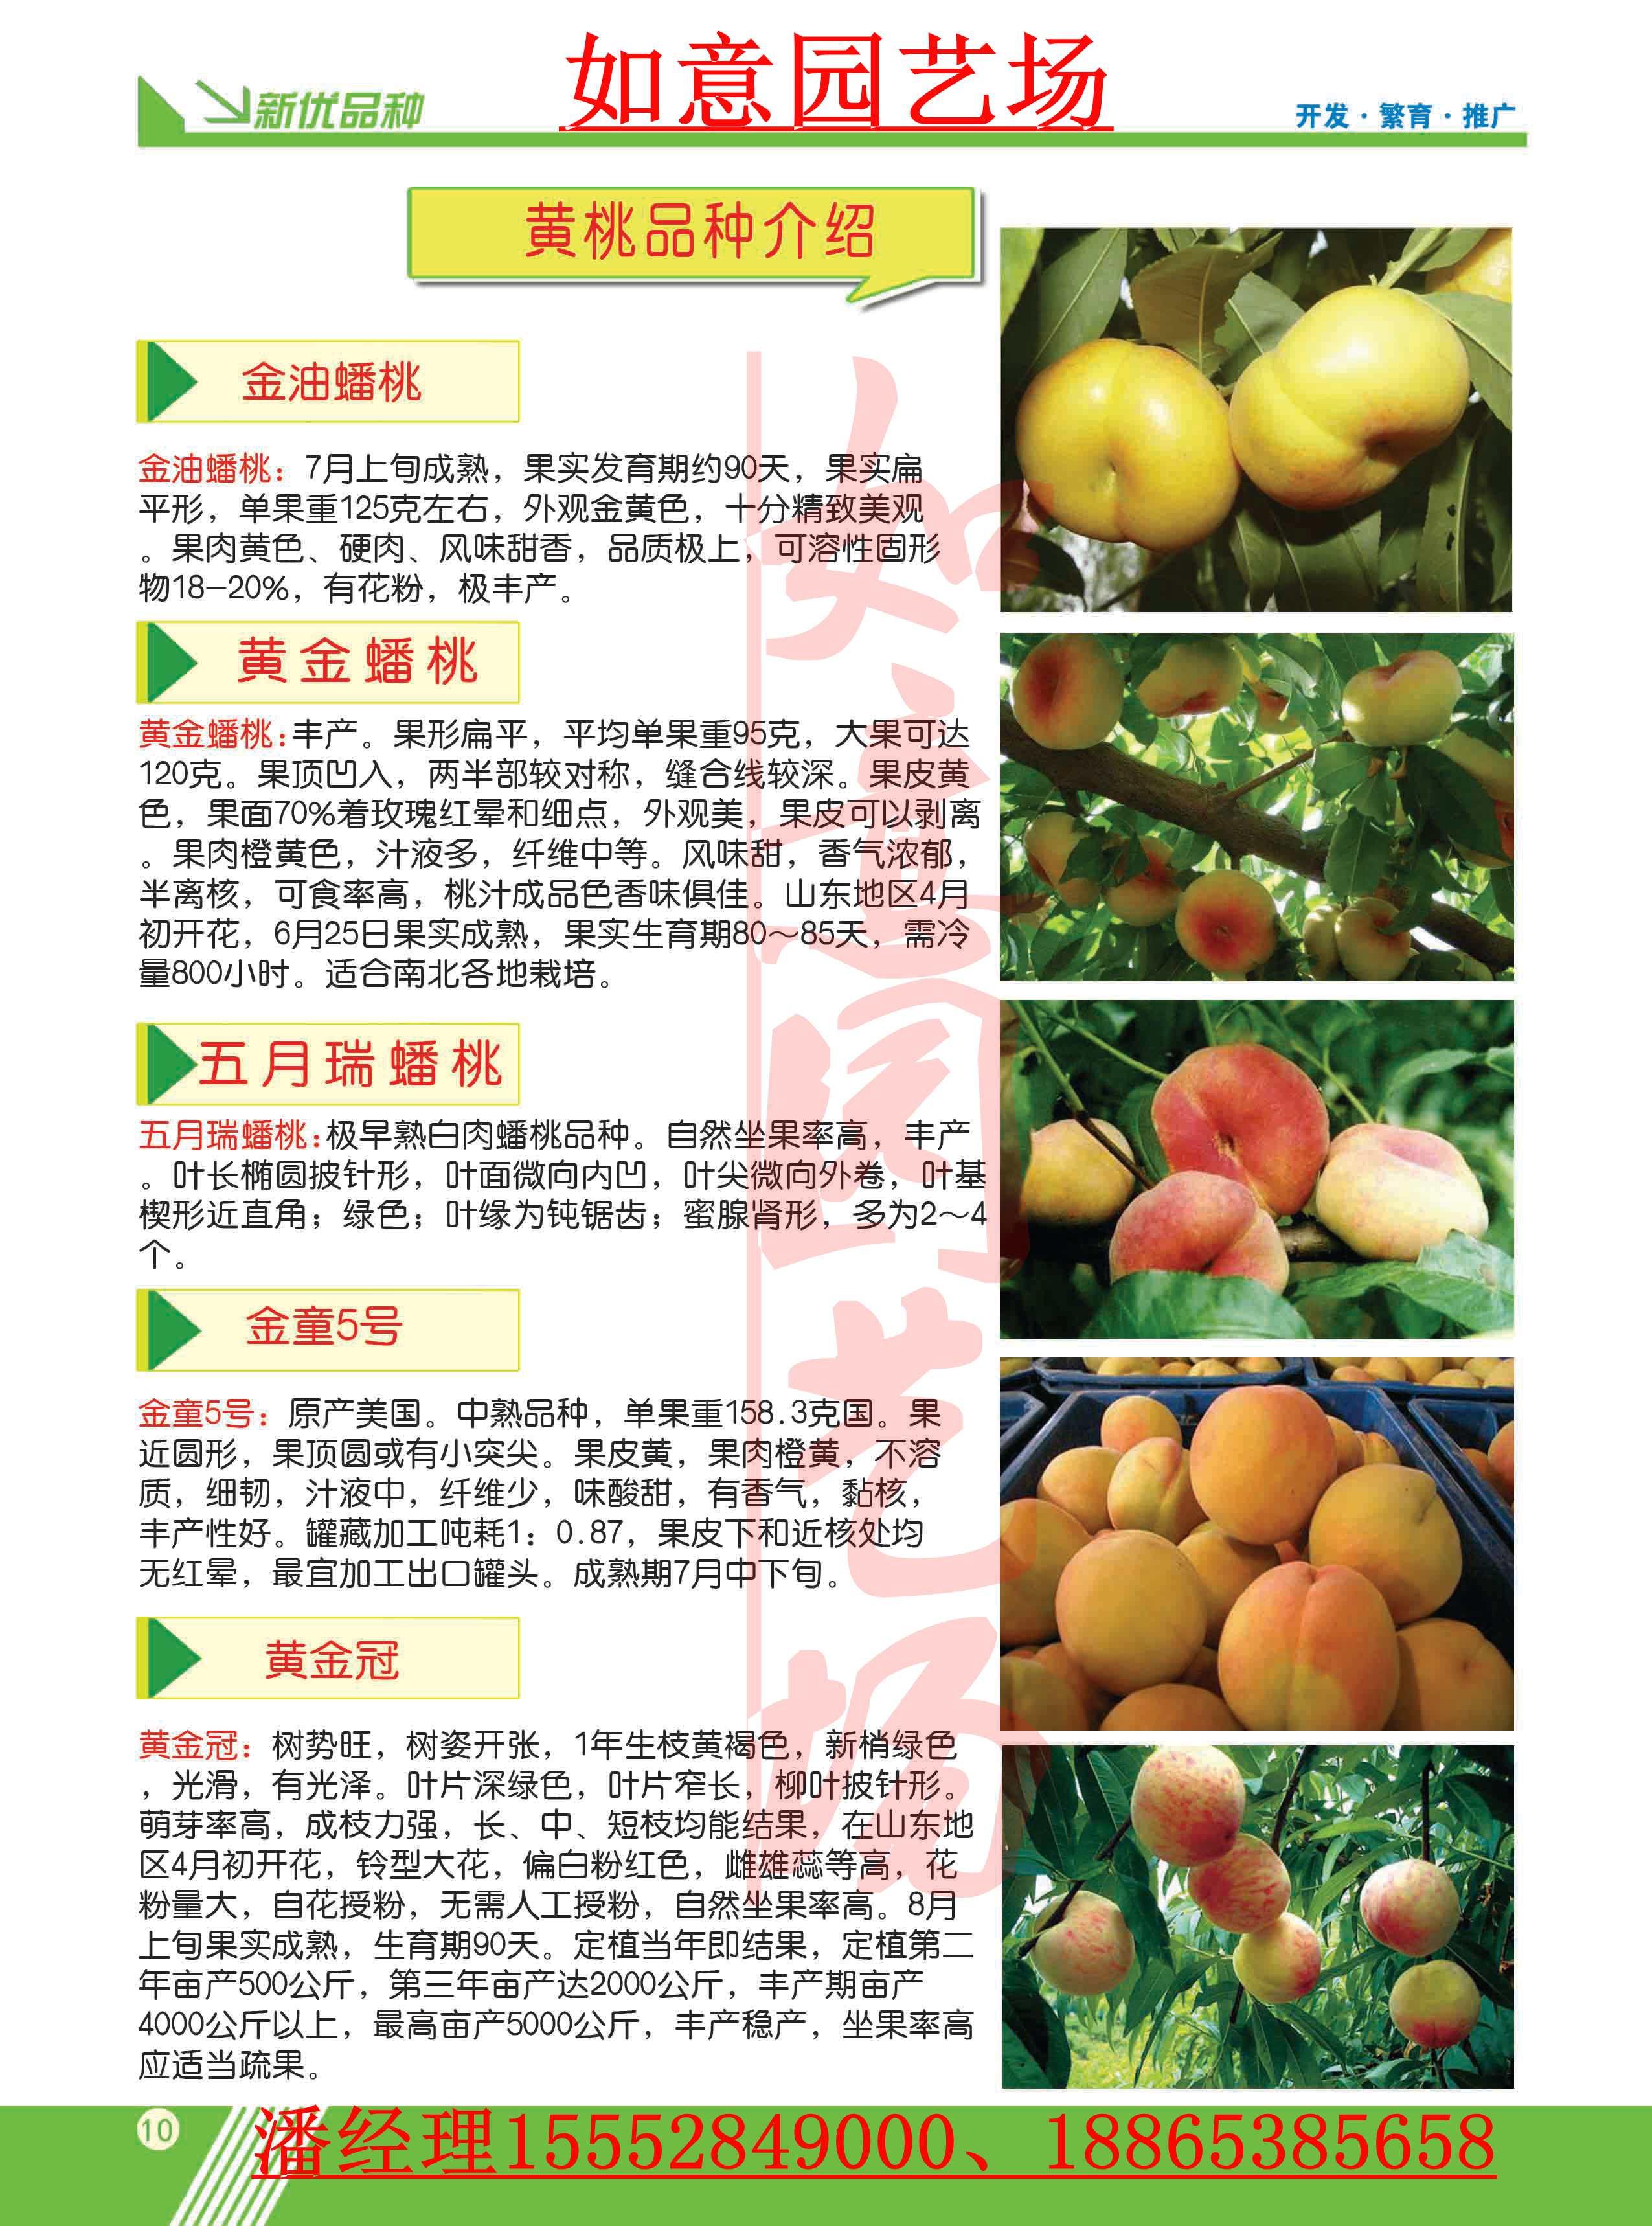 湖南黑珍珠樱桃苗种植方法